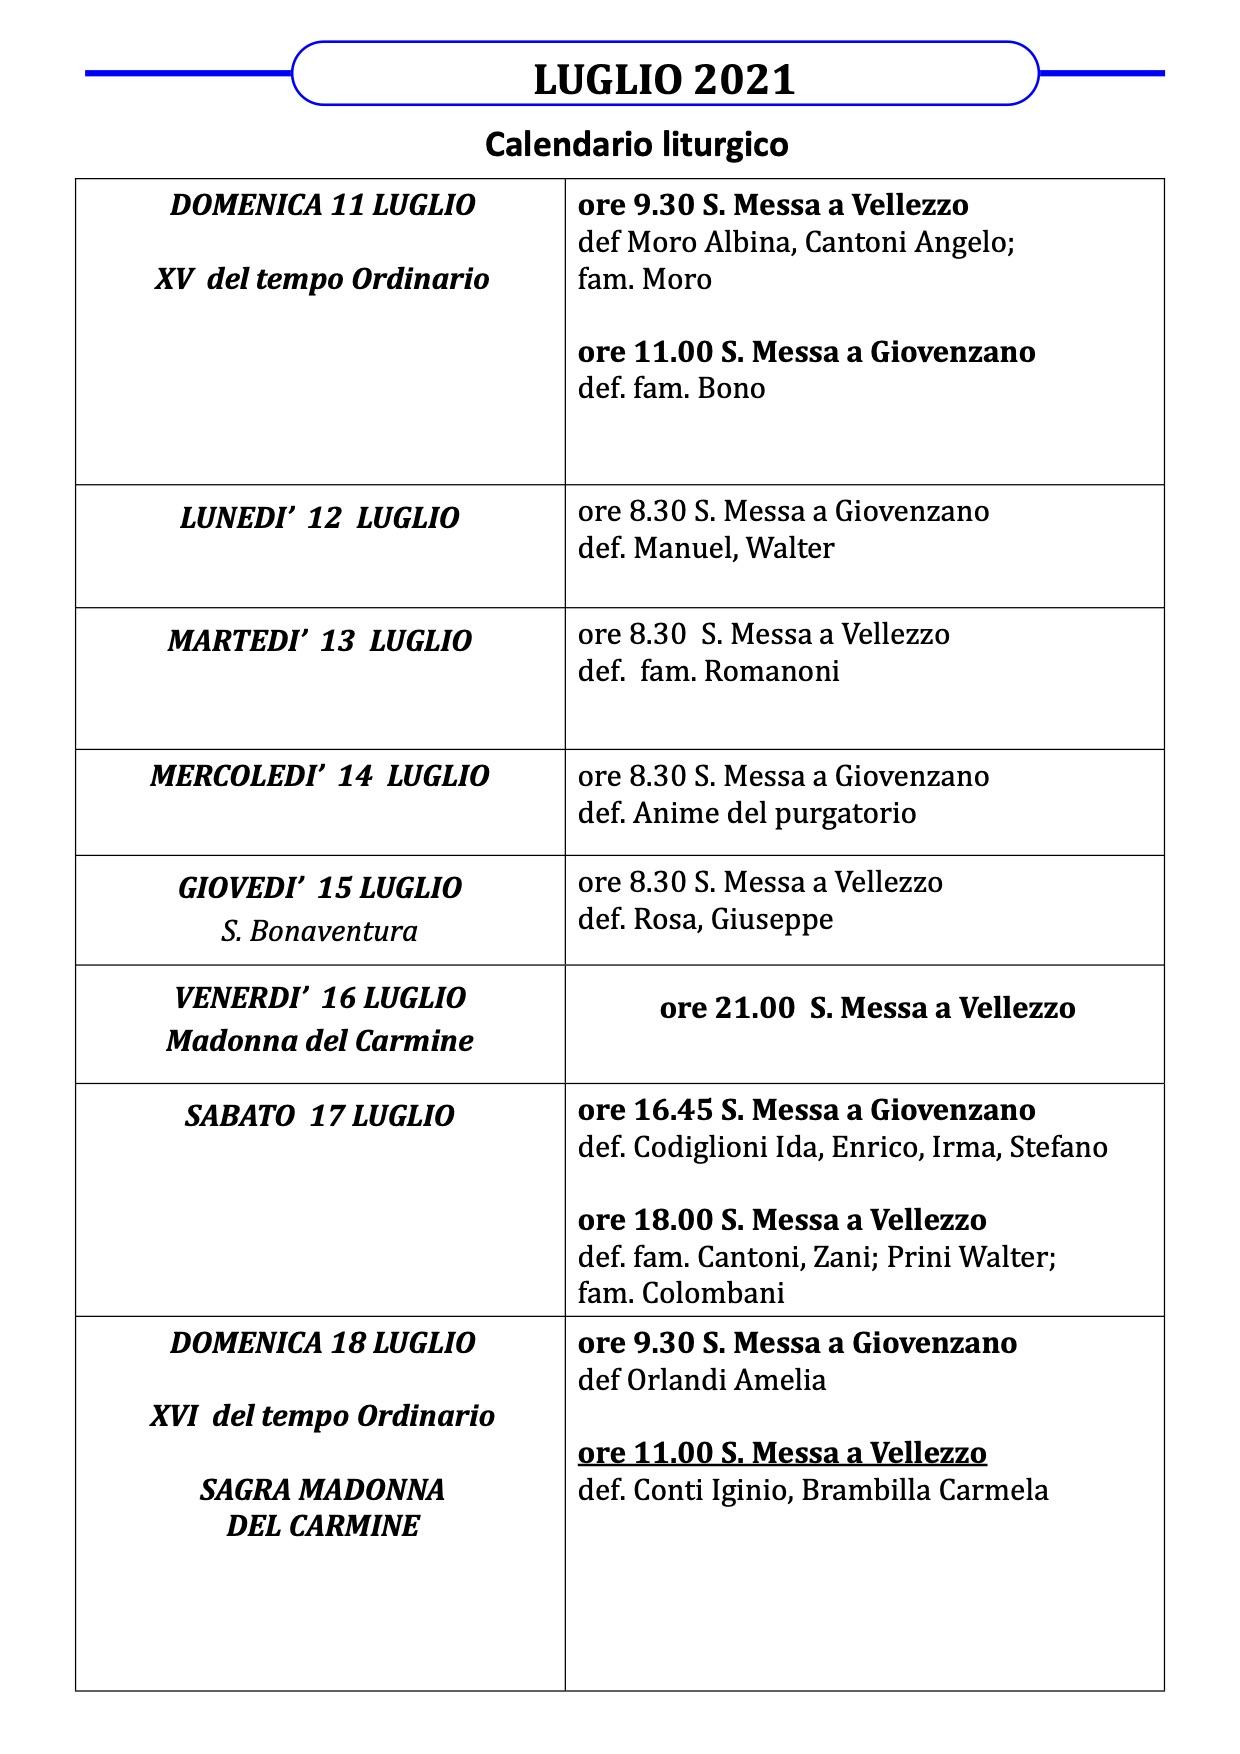 Calendario Liturgico dal 11 al 18 luglio 2021